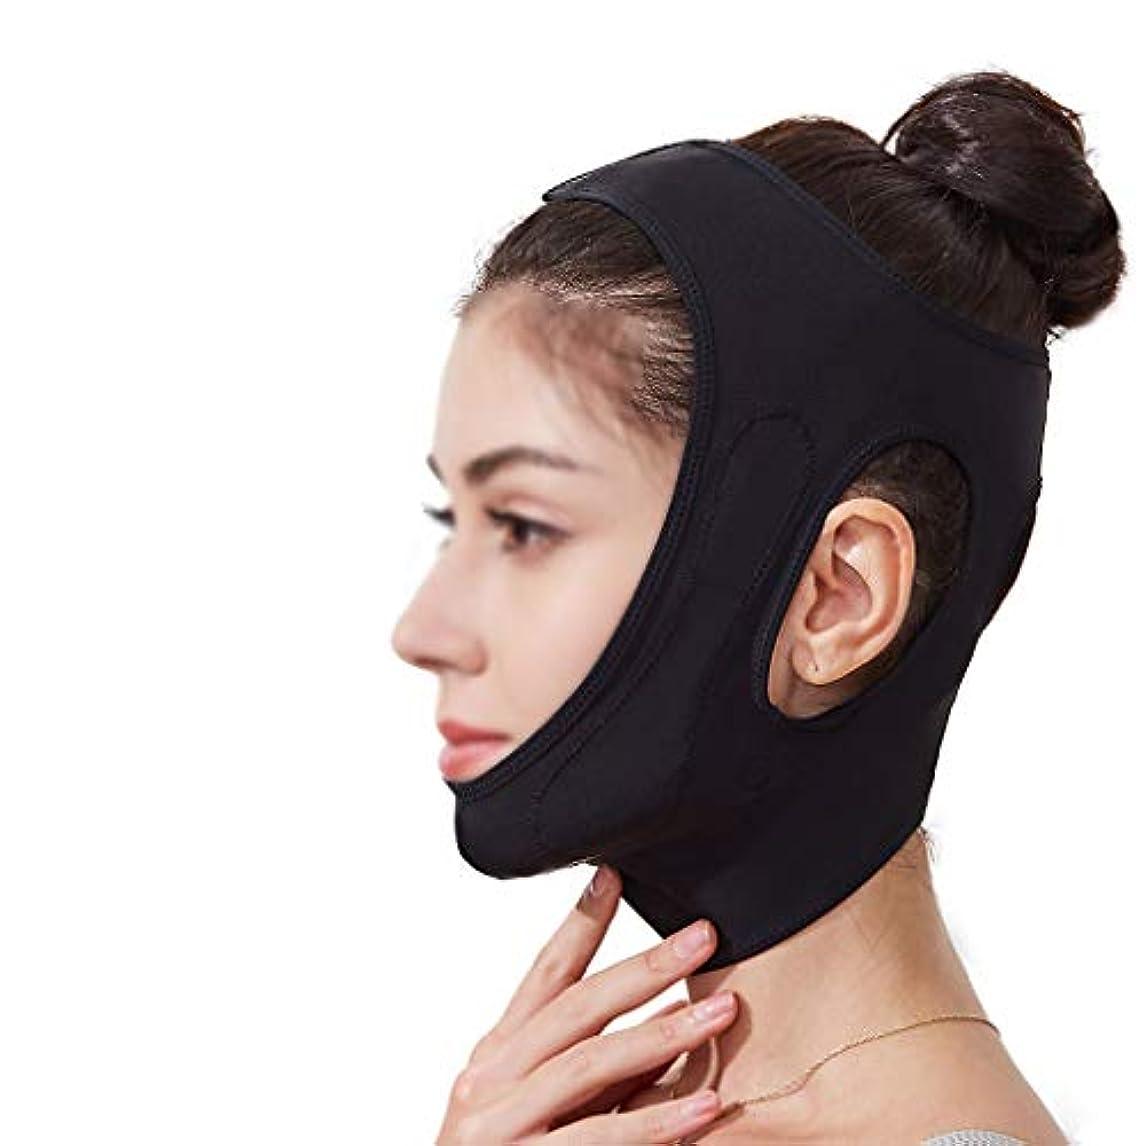 失礼ベンチ入口GLJJQMY フェイスリフティング包帯フェイシャルチークV字型リフティングマスクアンチシワは、小さなVフェイスを作成するために二重あごの快適な包帯を削減 顔用整形マスク (Color : Black)